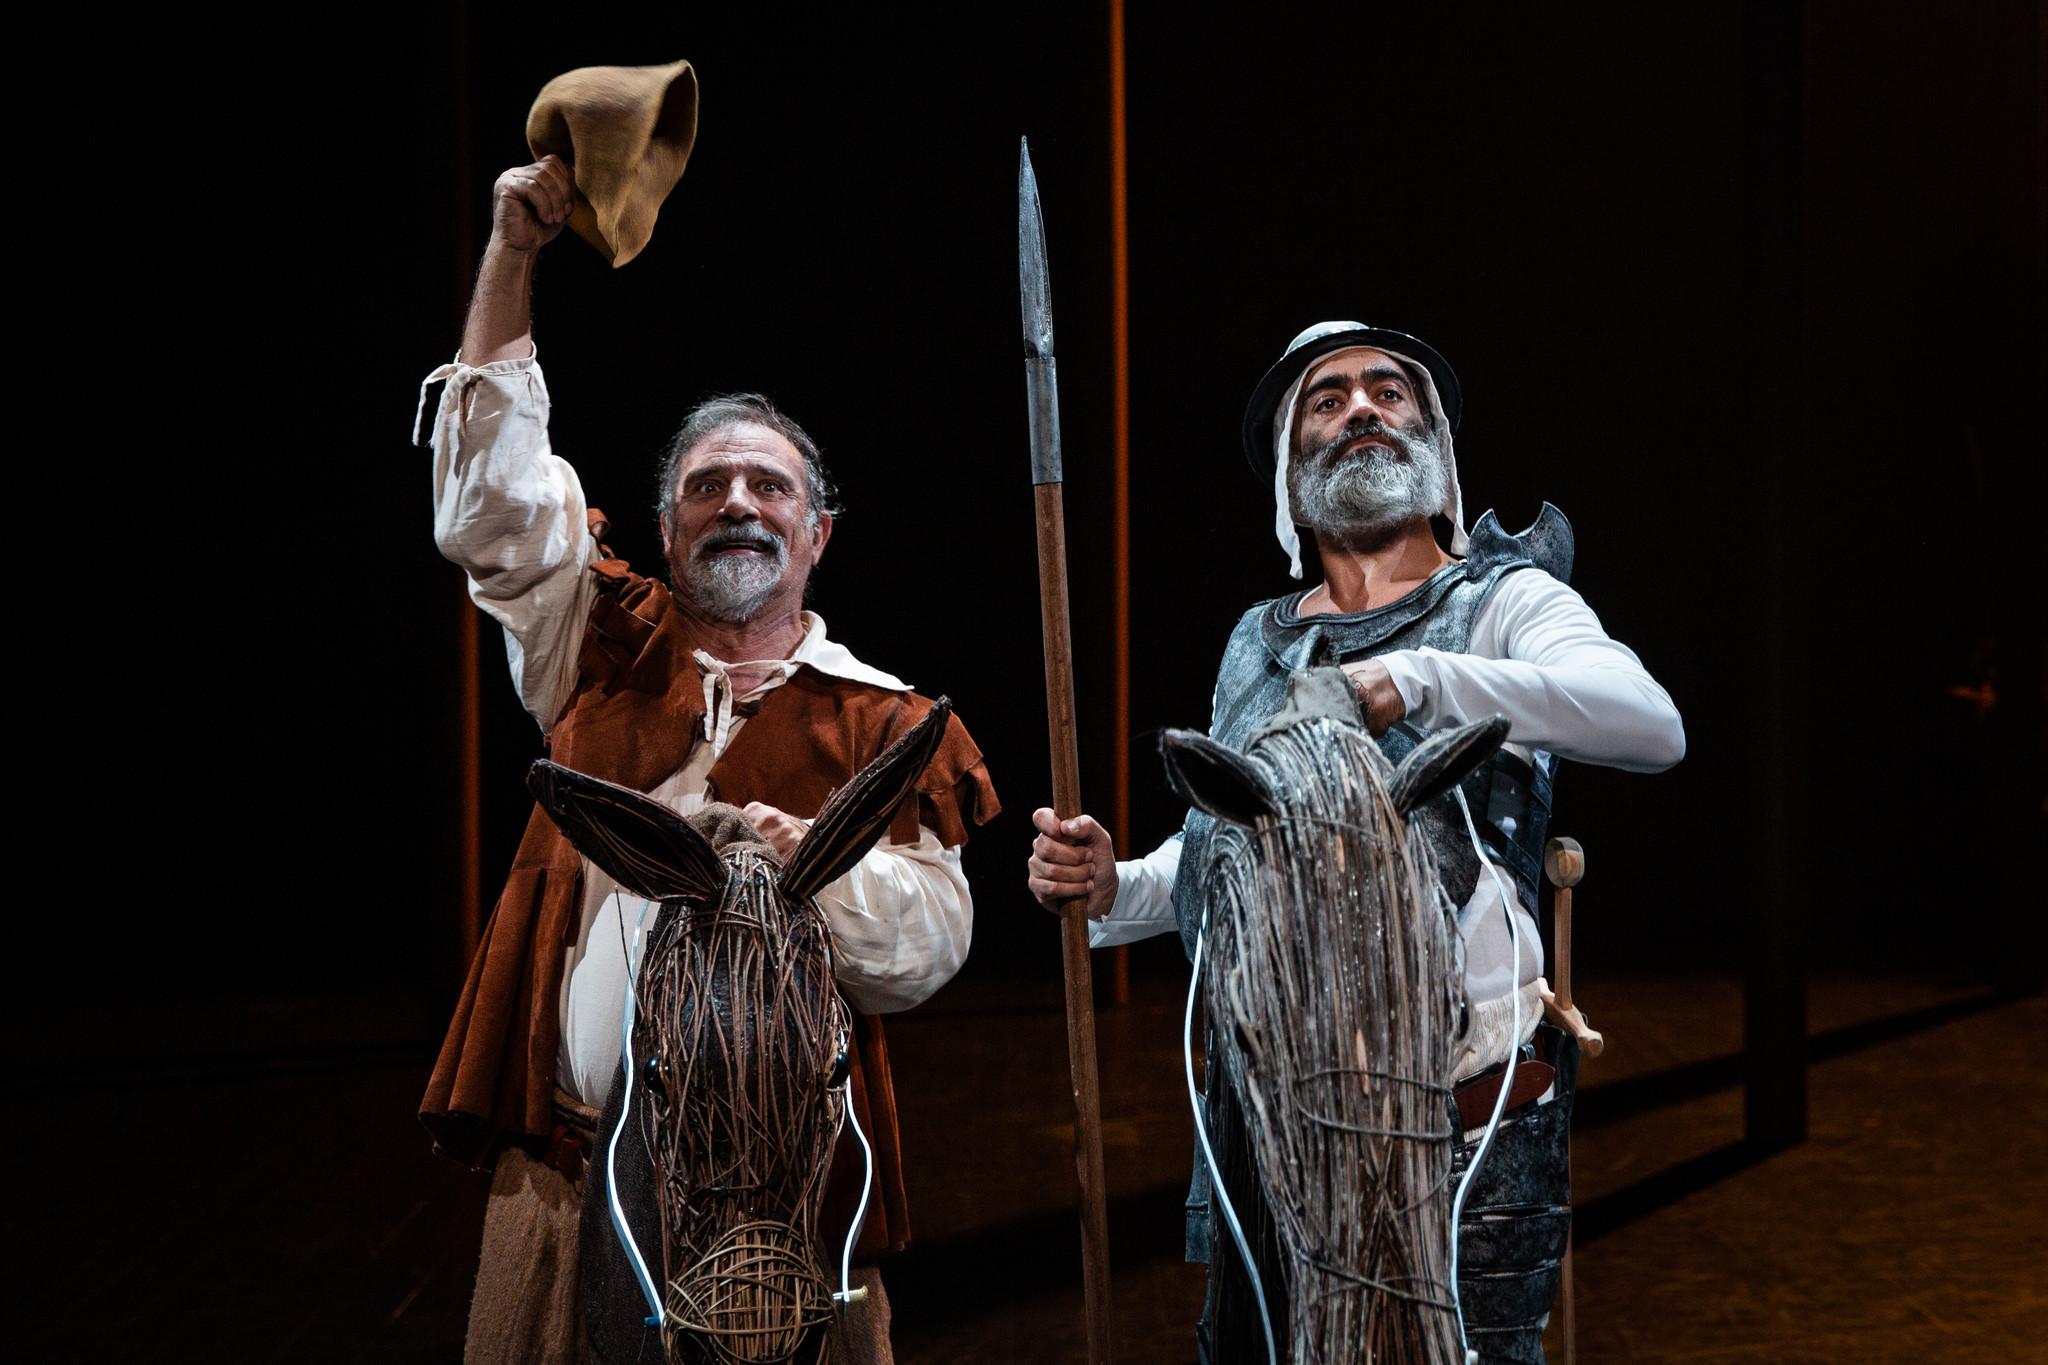 Teatro D. Quixote_pedro_figueiredo_-5.jpg